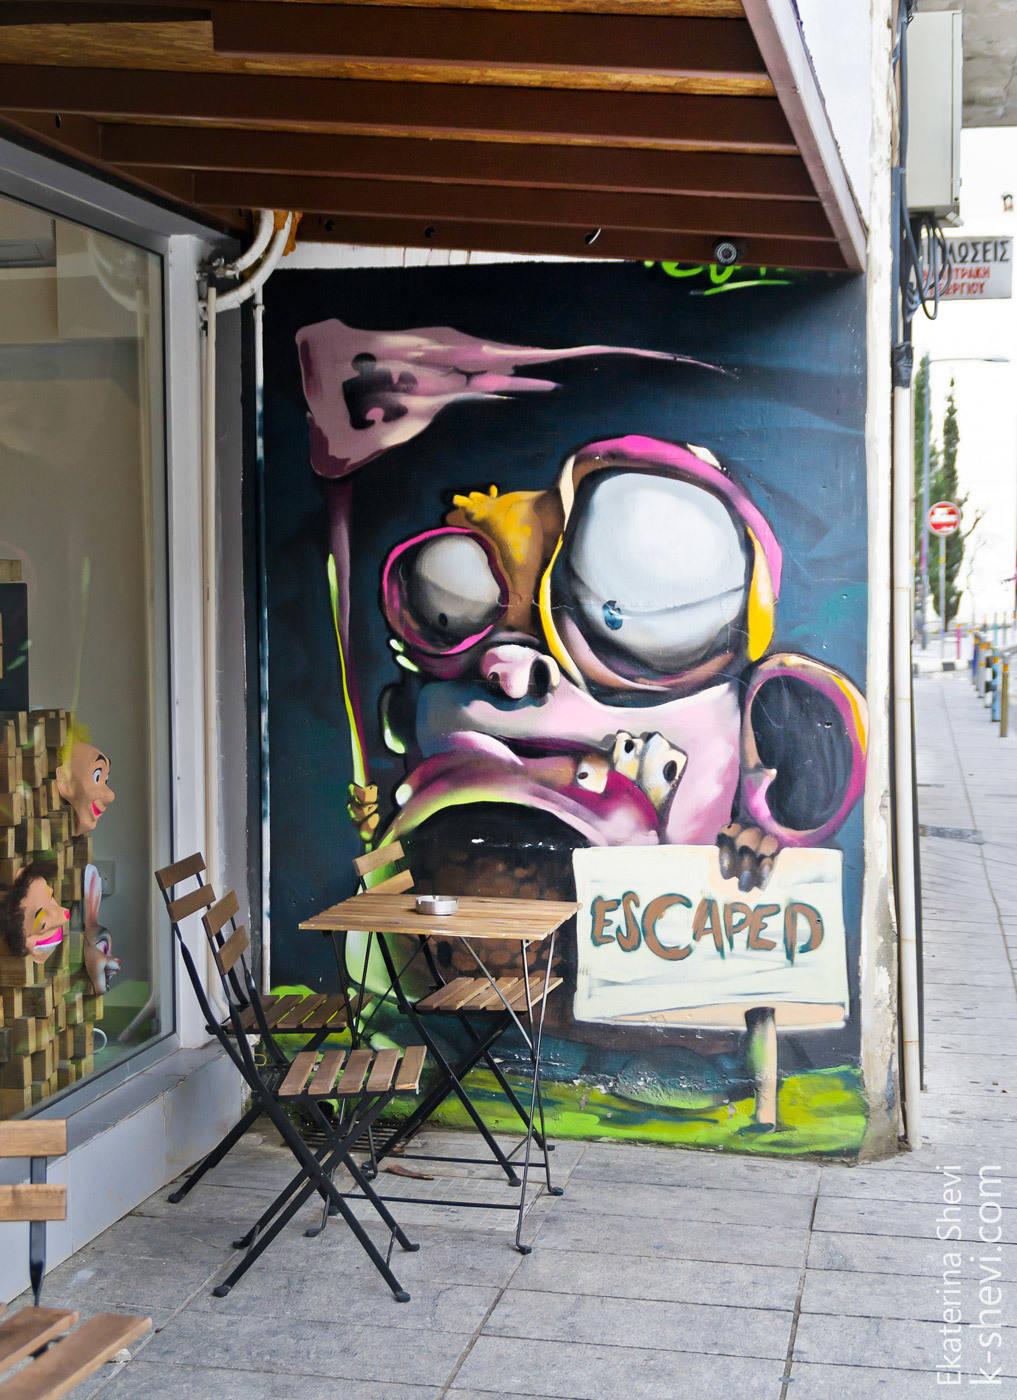 Говорят, что «Настоящий» стрит-арт тот, где авторы попадают своей идей в «яблочко». (в прочем, эта мысль подходит для любого вида искусства...) В Лимассоле, в старом городе, действительно «Настоящий» стрит-арт.